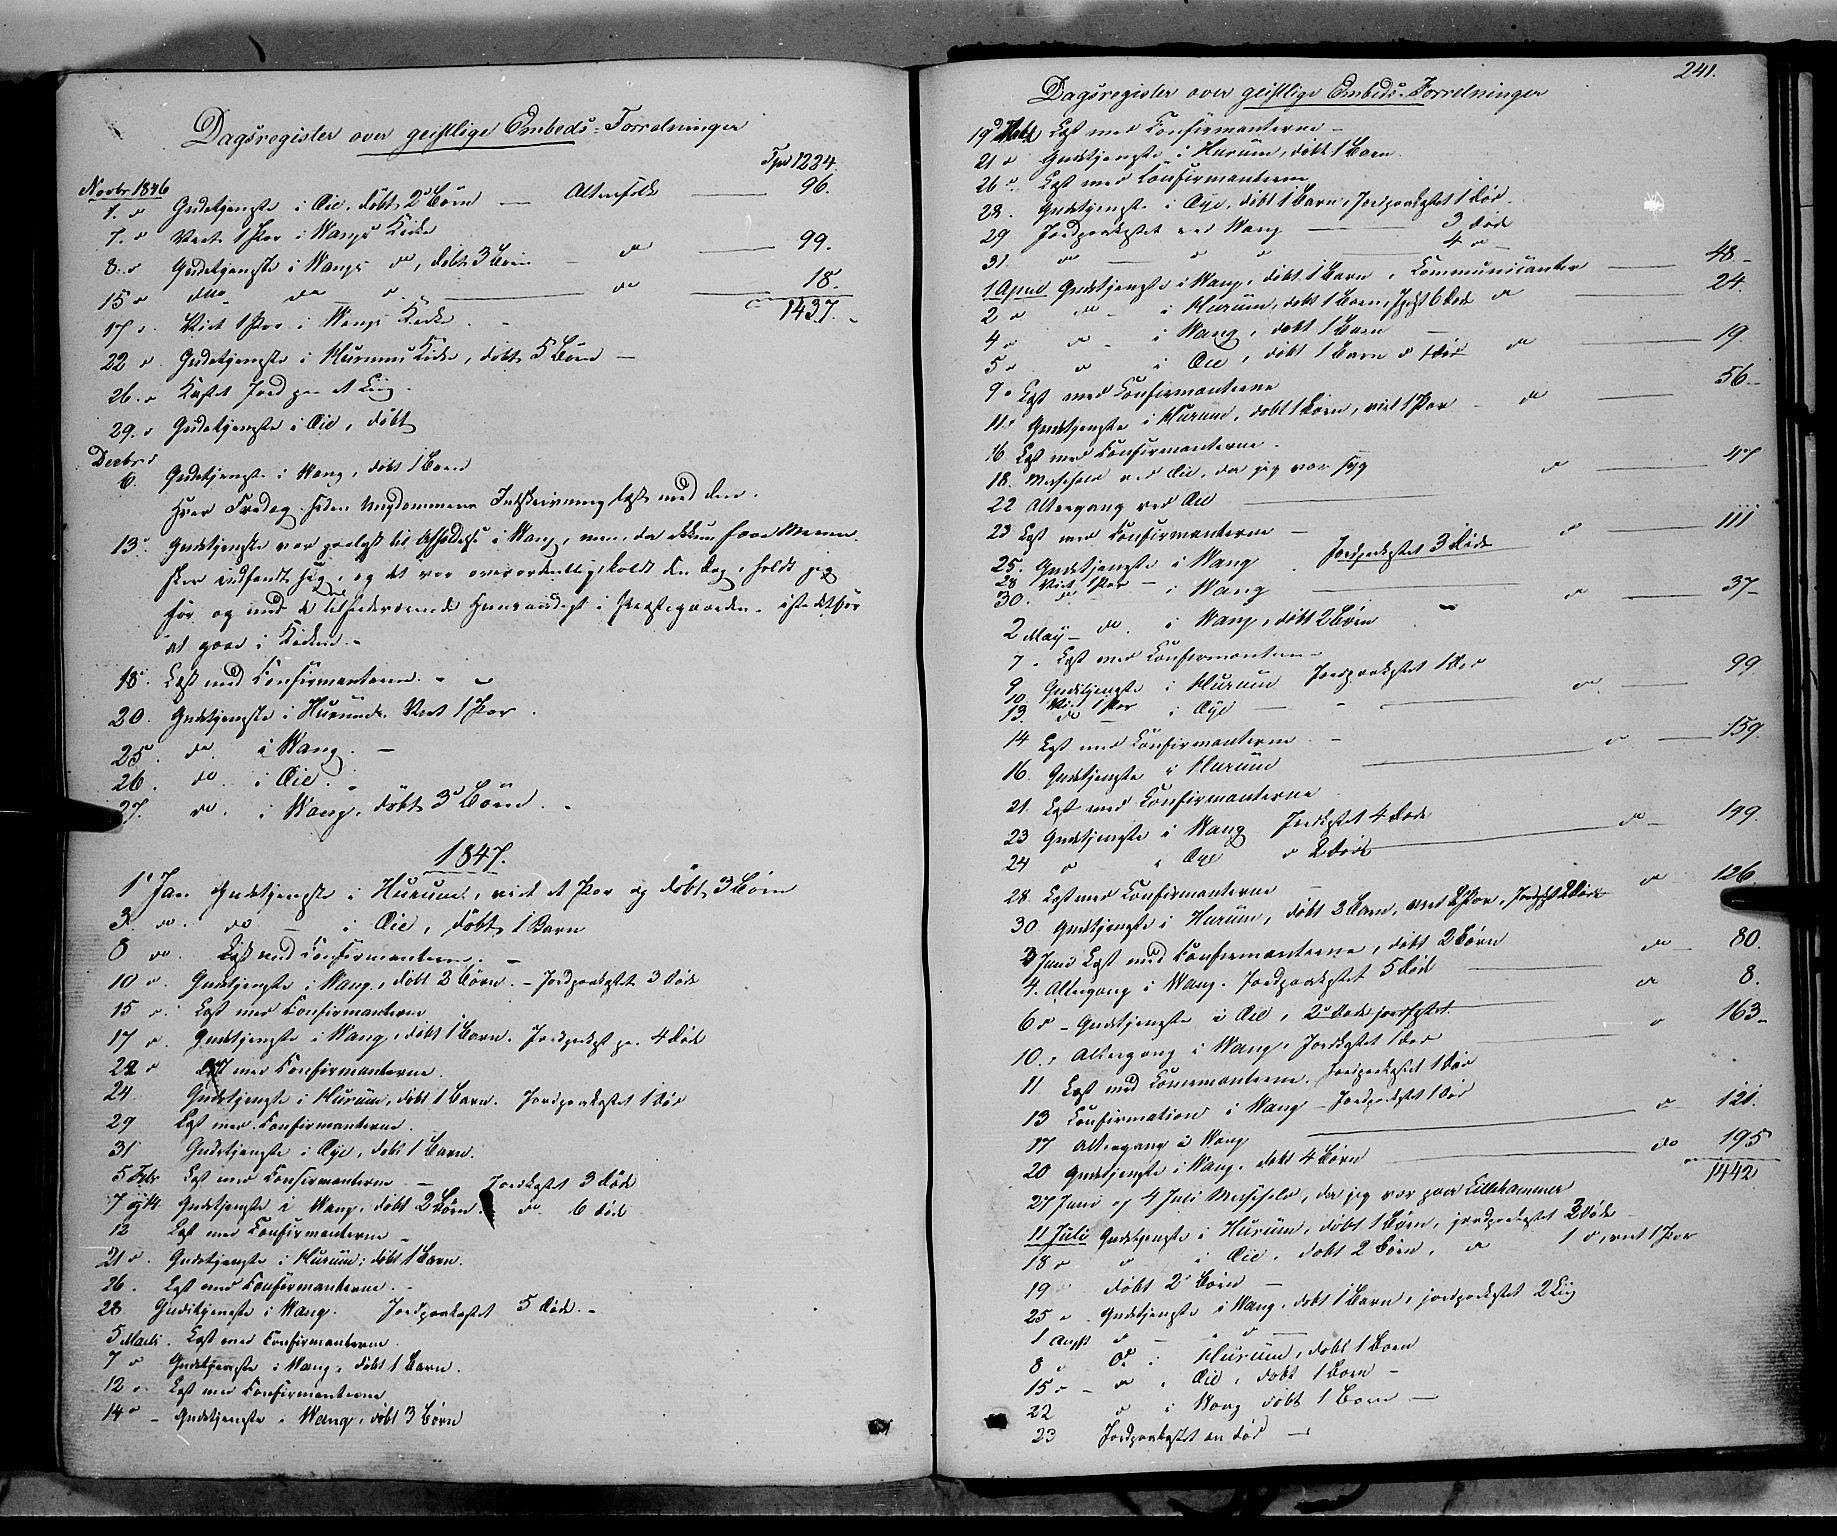 SAH, Vang prestekontor, Valdres, Ministerialbok nr. 6, 1846-1864, s. 241